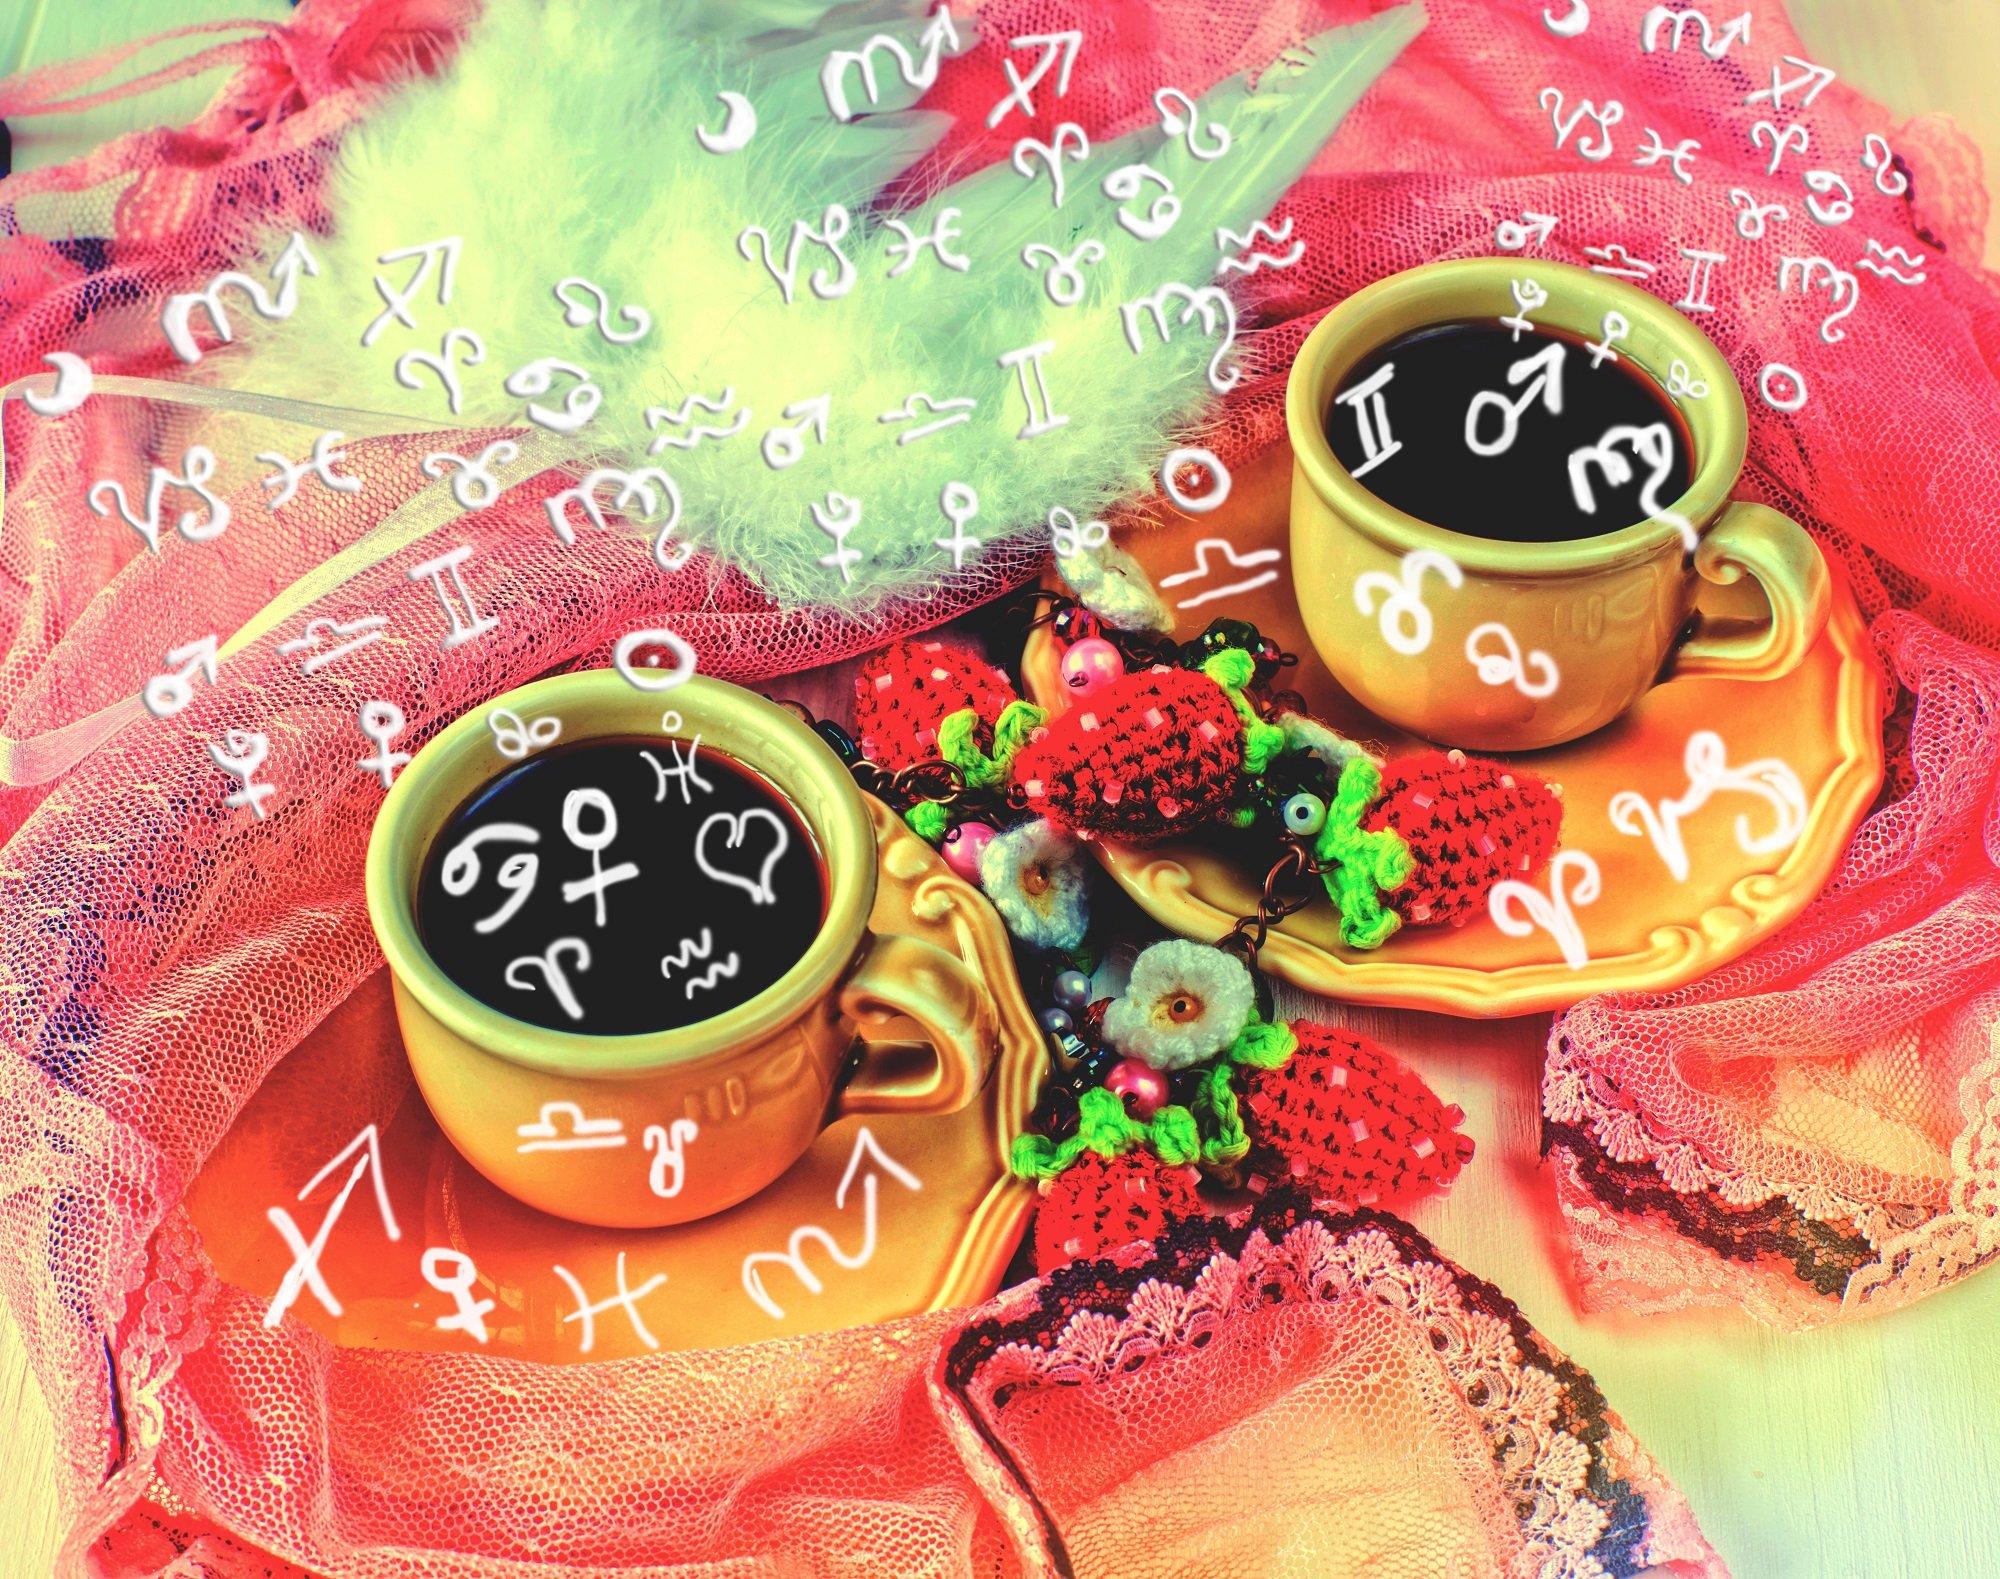 Compartir un café entre los signos del zodíaco || Fuente: Shutterstock